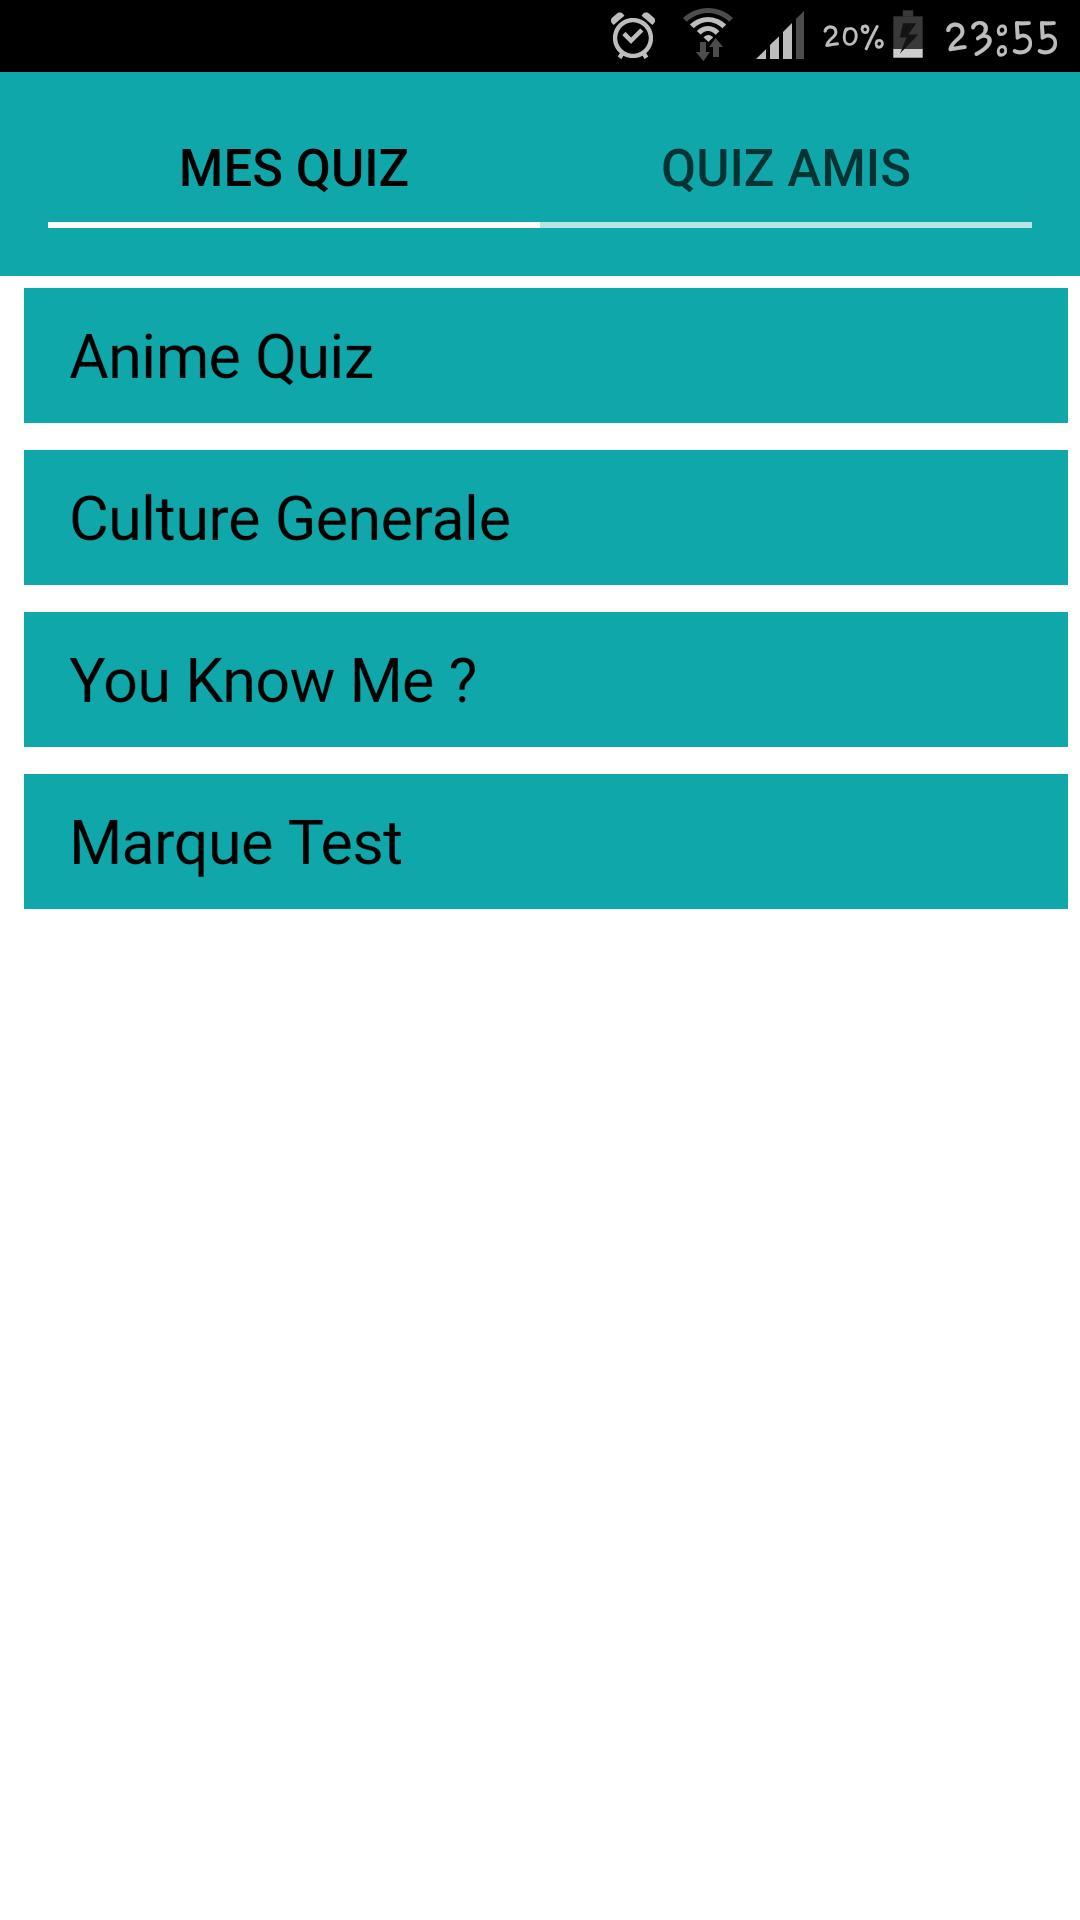 Android Için Quizup Maker - Quiz Tes Amis - Apk'yı İndir pour Quiz En Ligne Gratuit